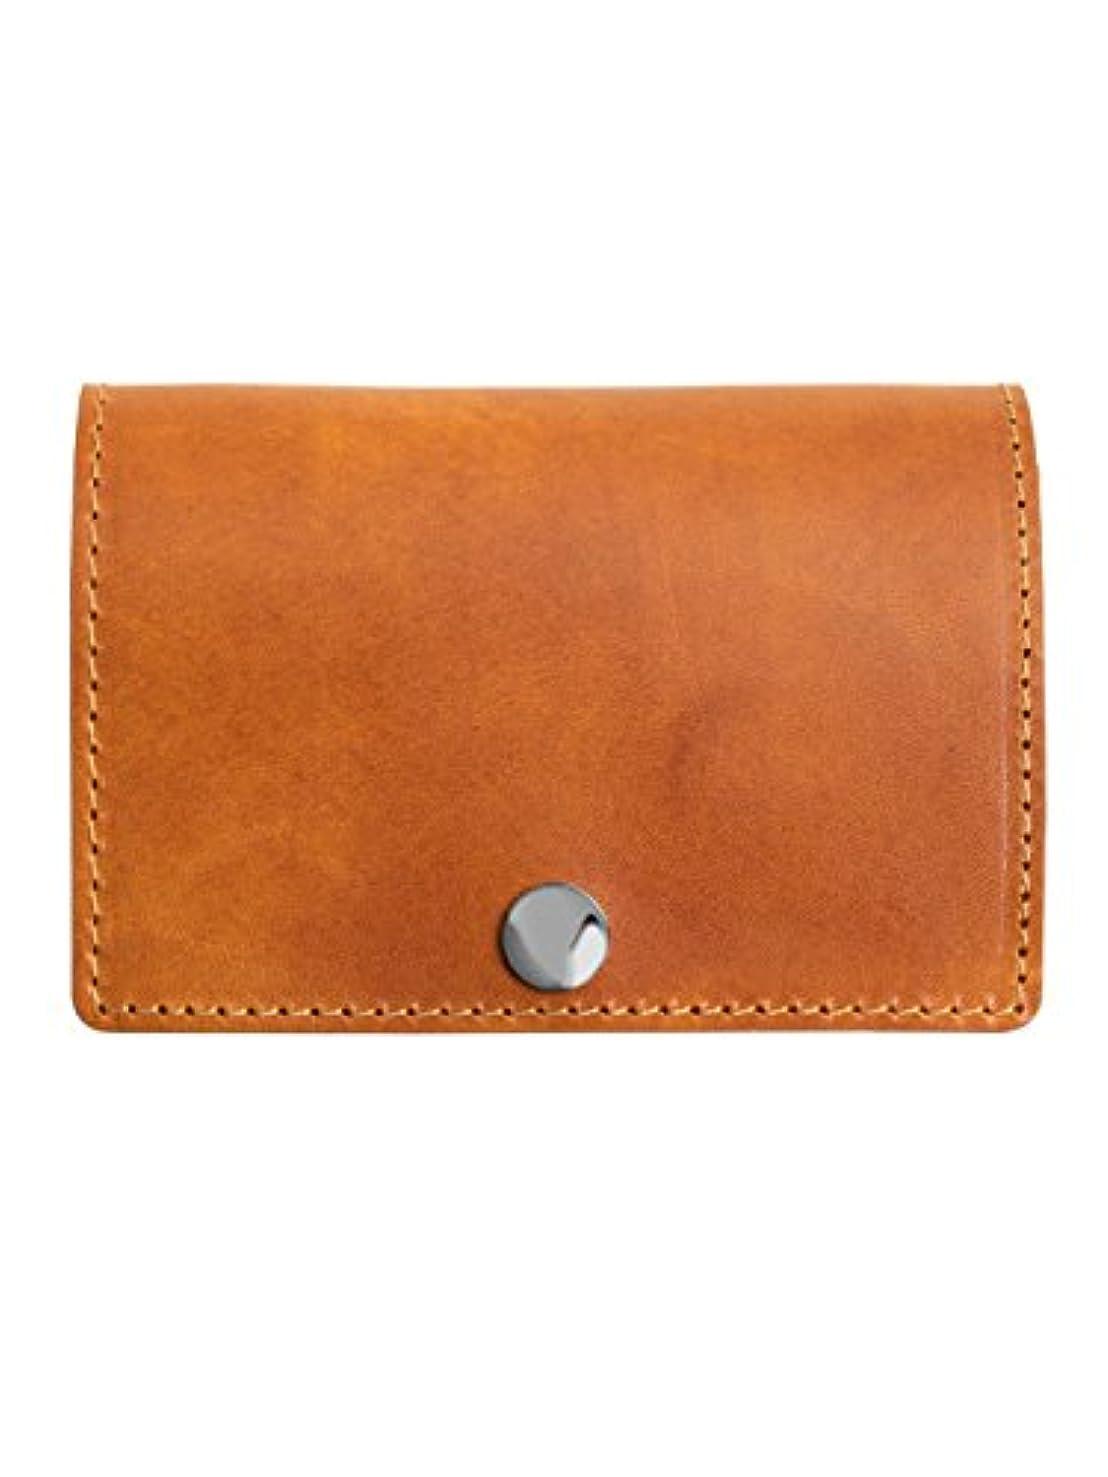 人物中間いつでもDom Teporna Italy 小さい 三つ折り財布 本革 イタリアンレザー 薄型 コンパクト ウォレット サイフ メンズ レディース プレゼント 全7色